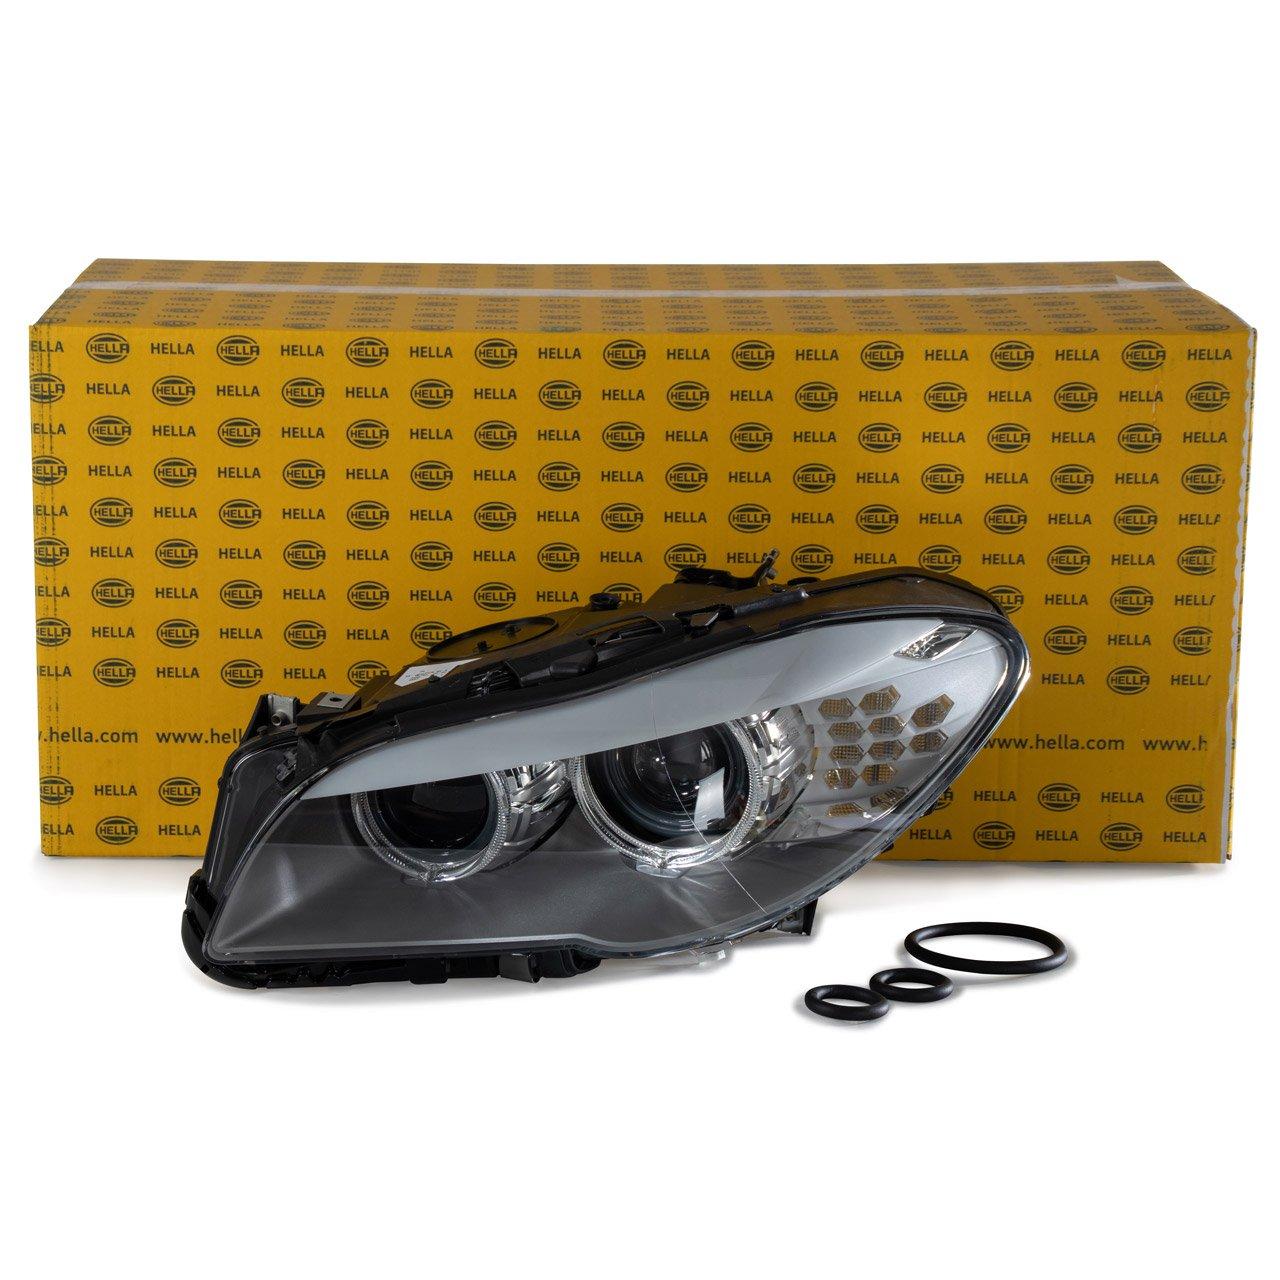 HELLA Hauptscheinwerfer + Stellmotor BI-XENON BMW 5er F10 F11 links 63117271911